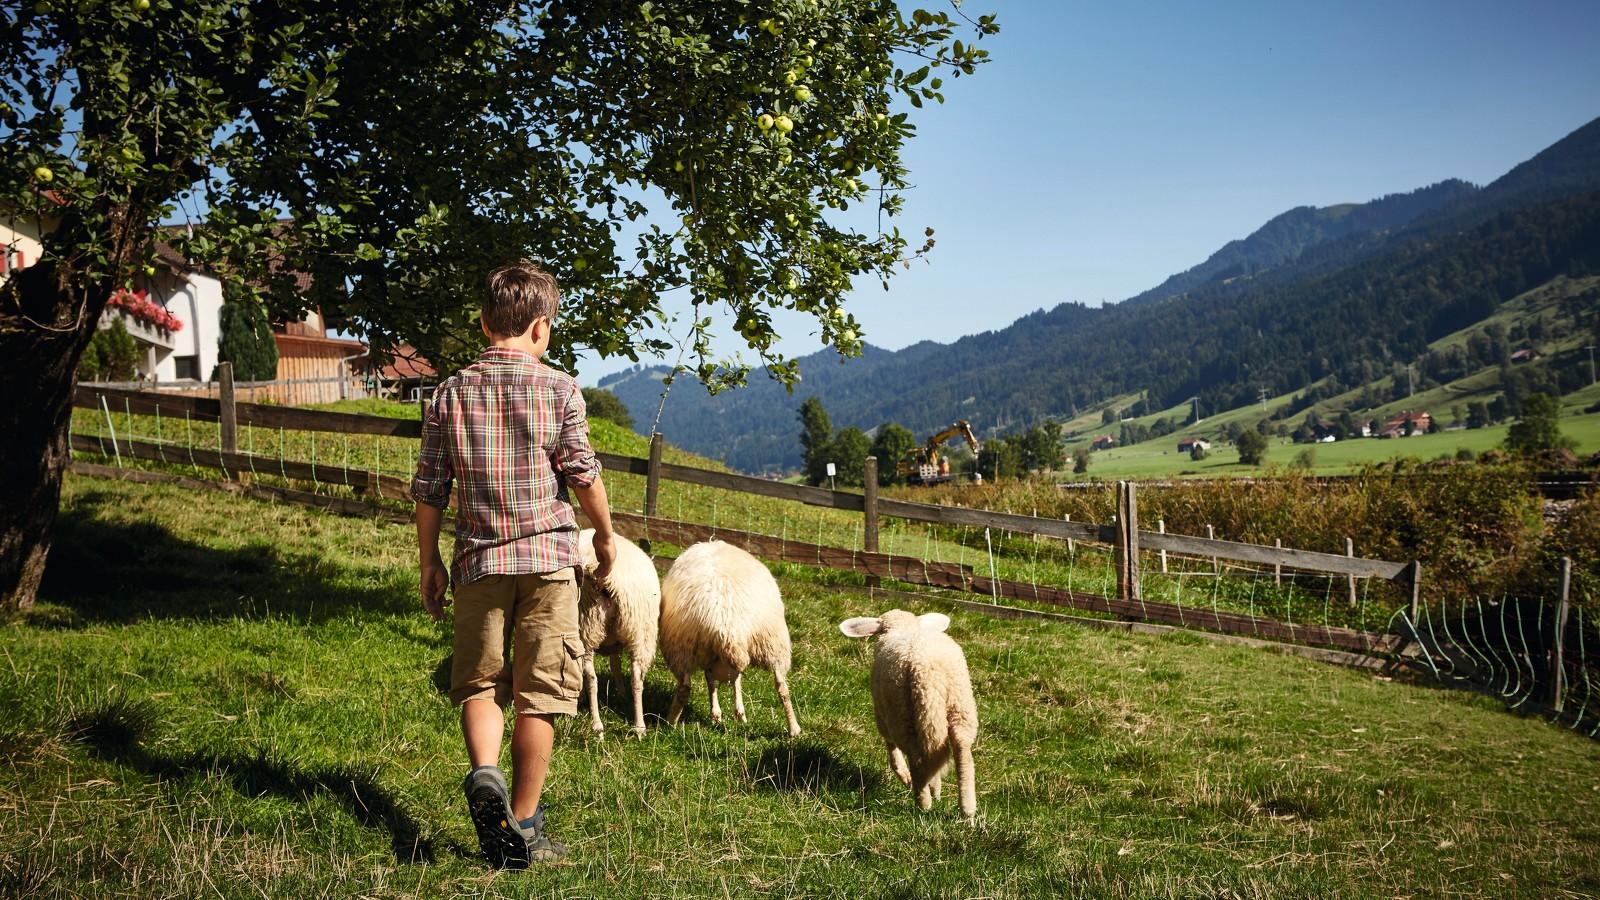 Familienurlaub auf dem Bauernhof mit Tieren in Immenstadt © Allgäu GmbH, Christoph Gramann